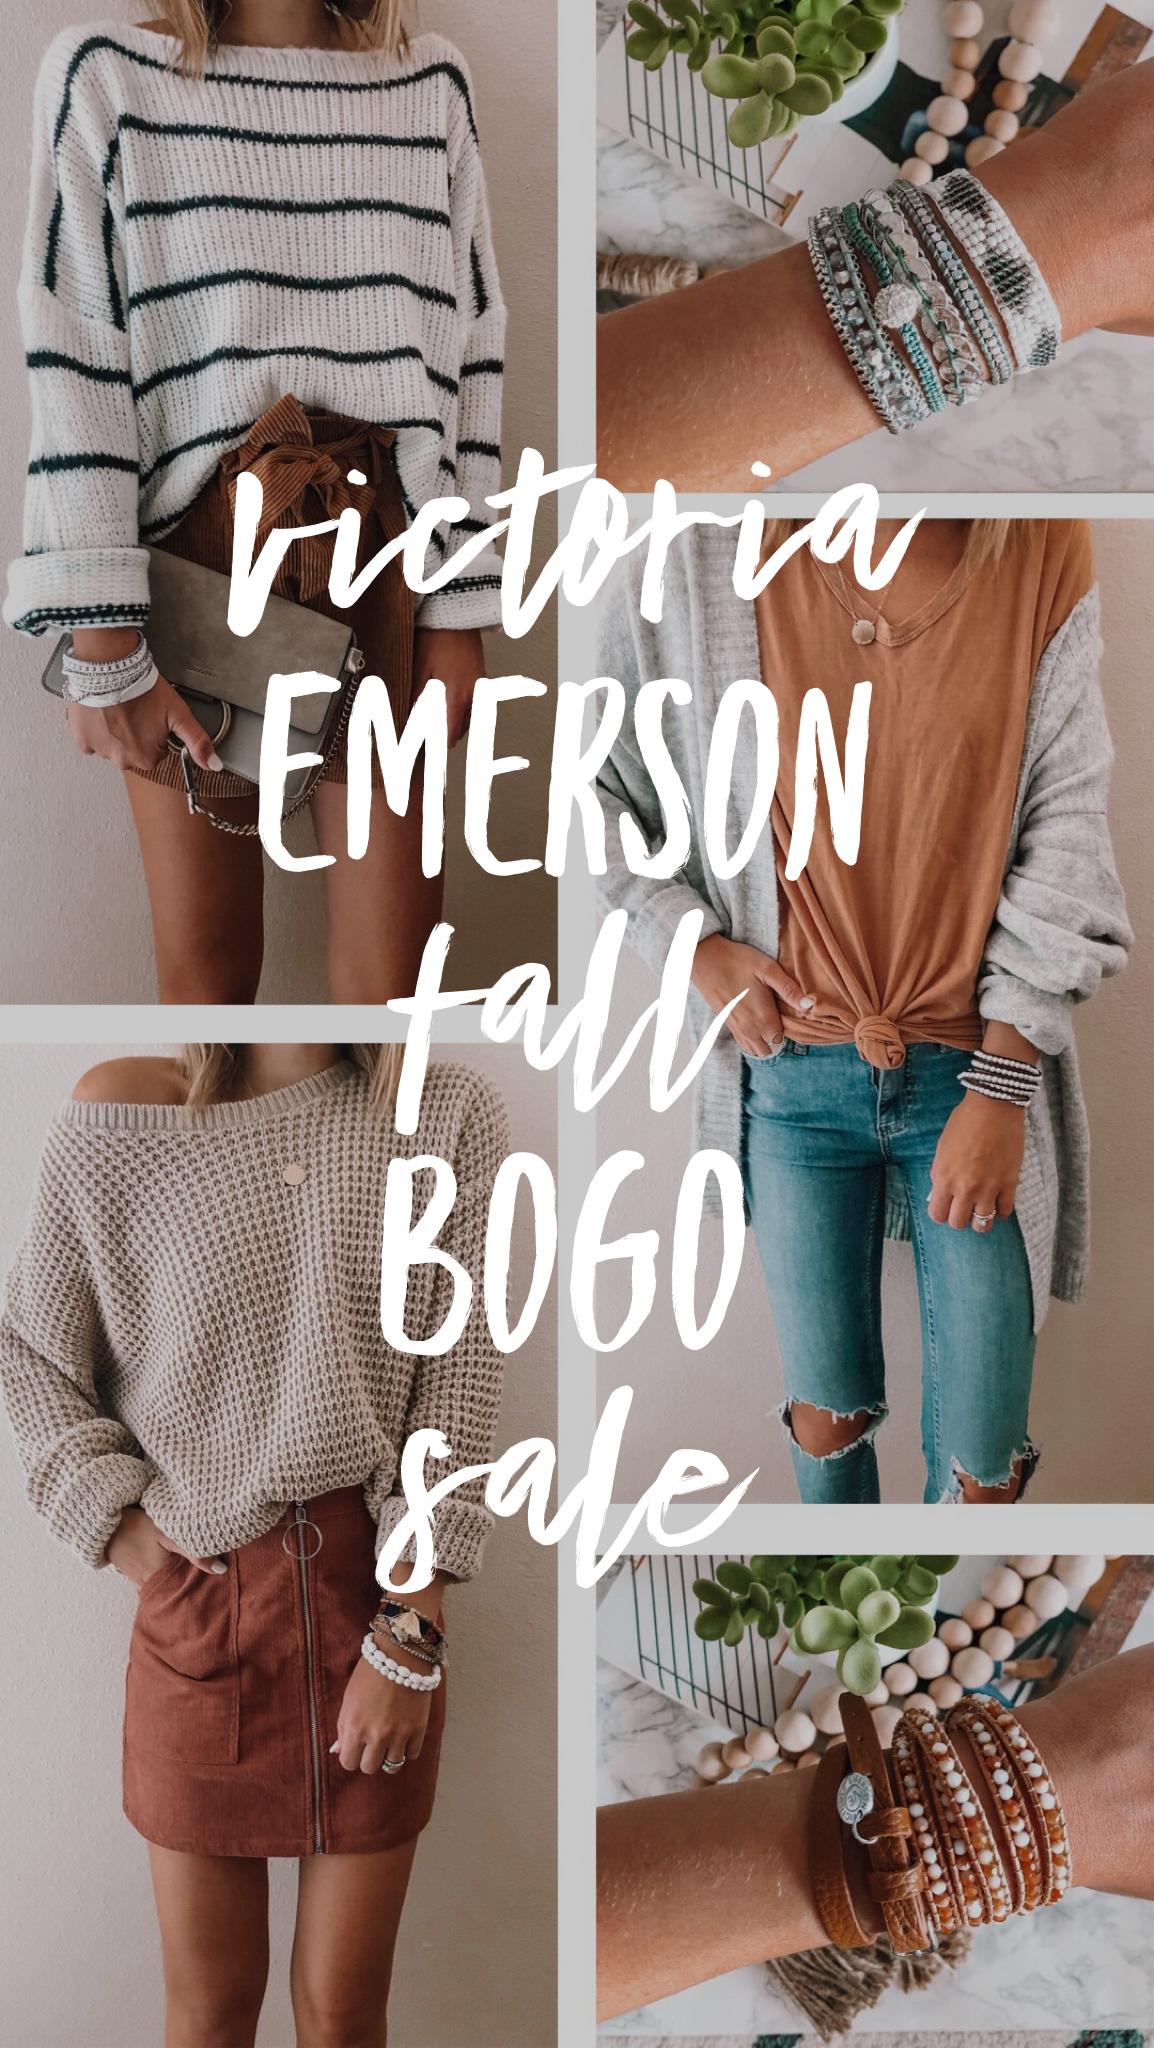 Victoria Emerson Fall BOGO Sale!